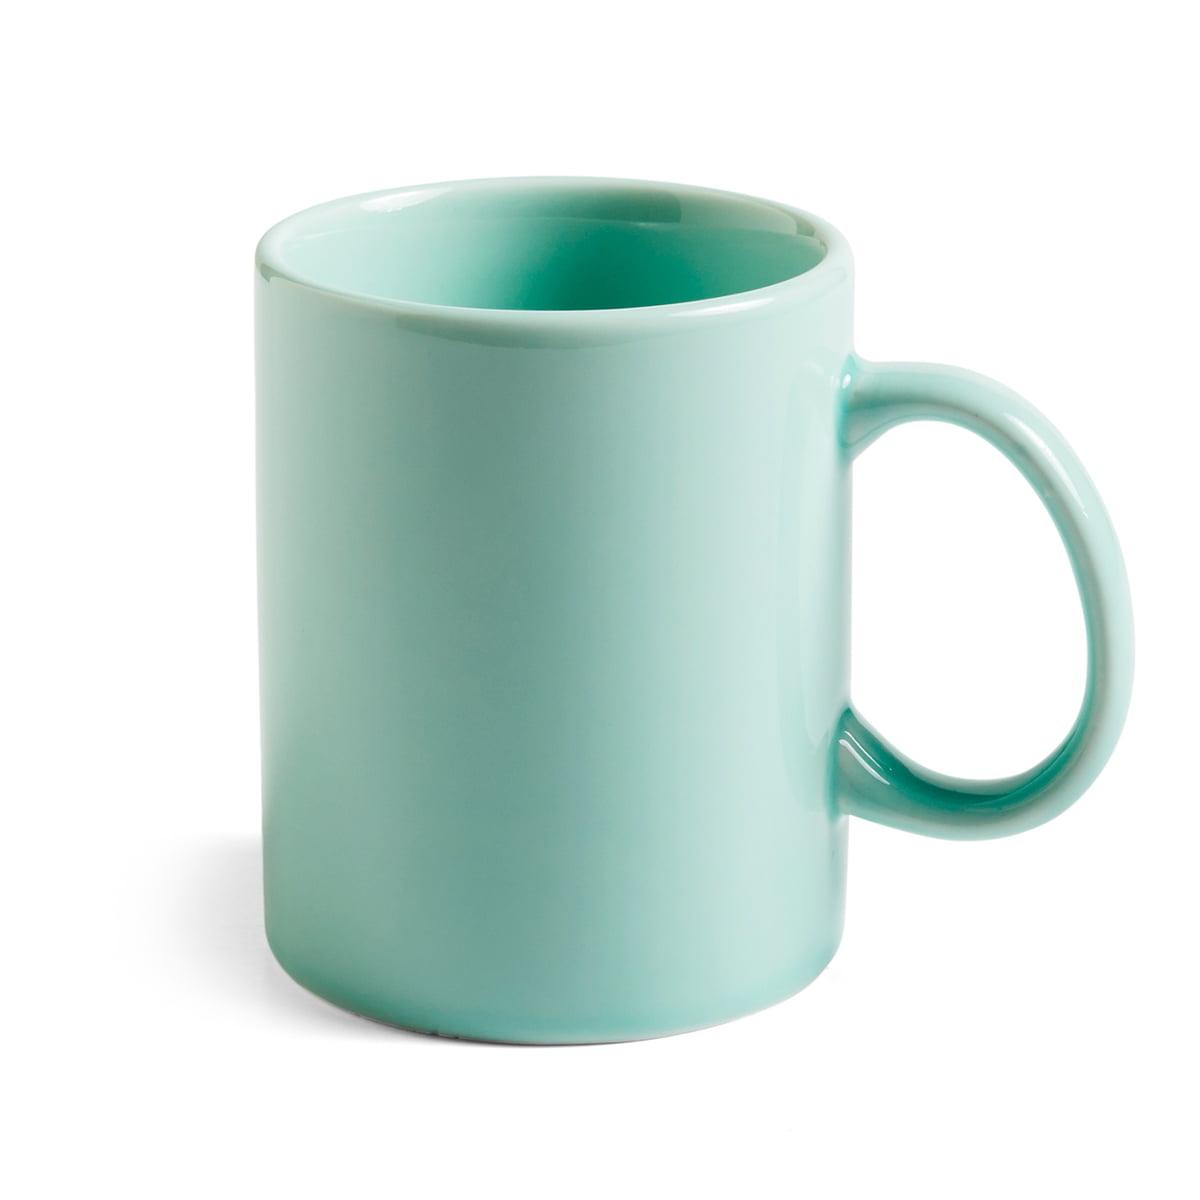 HAY - Rainbow Tasse, mintgrün